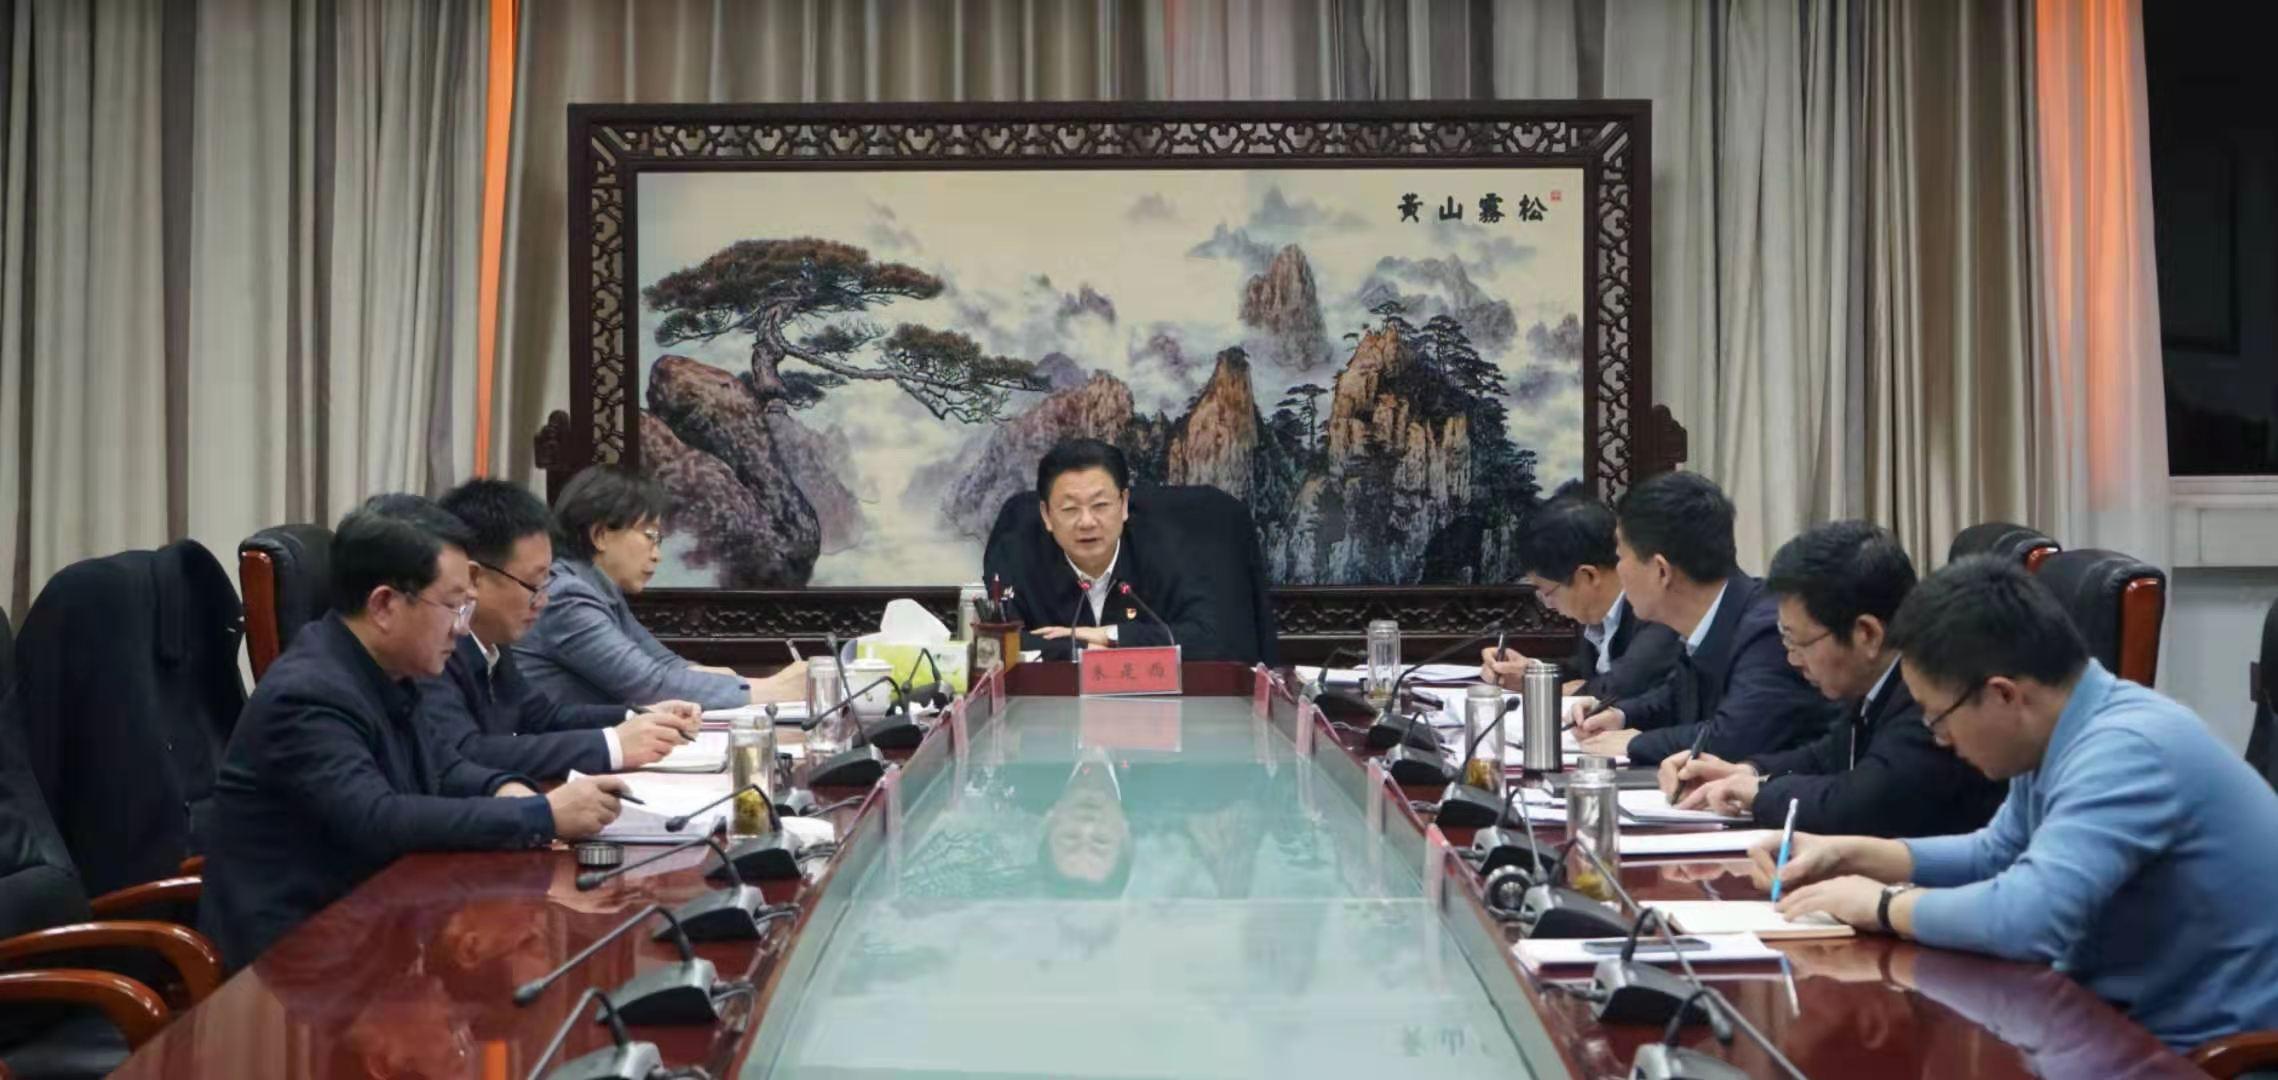 市政府党组召开主题教育专题民主生活会